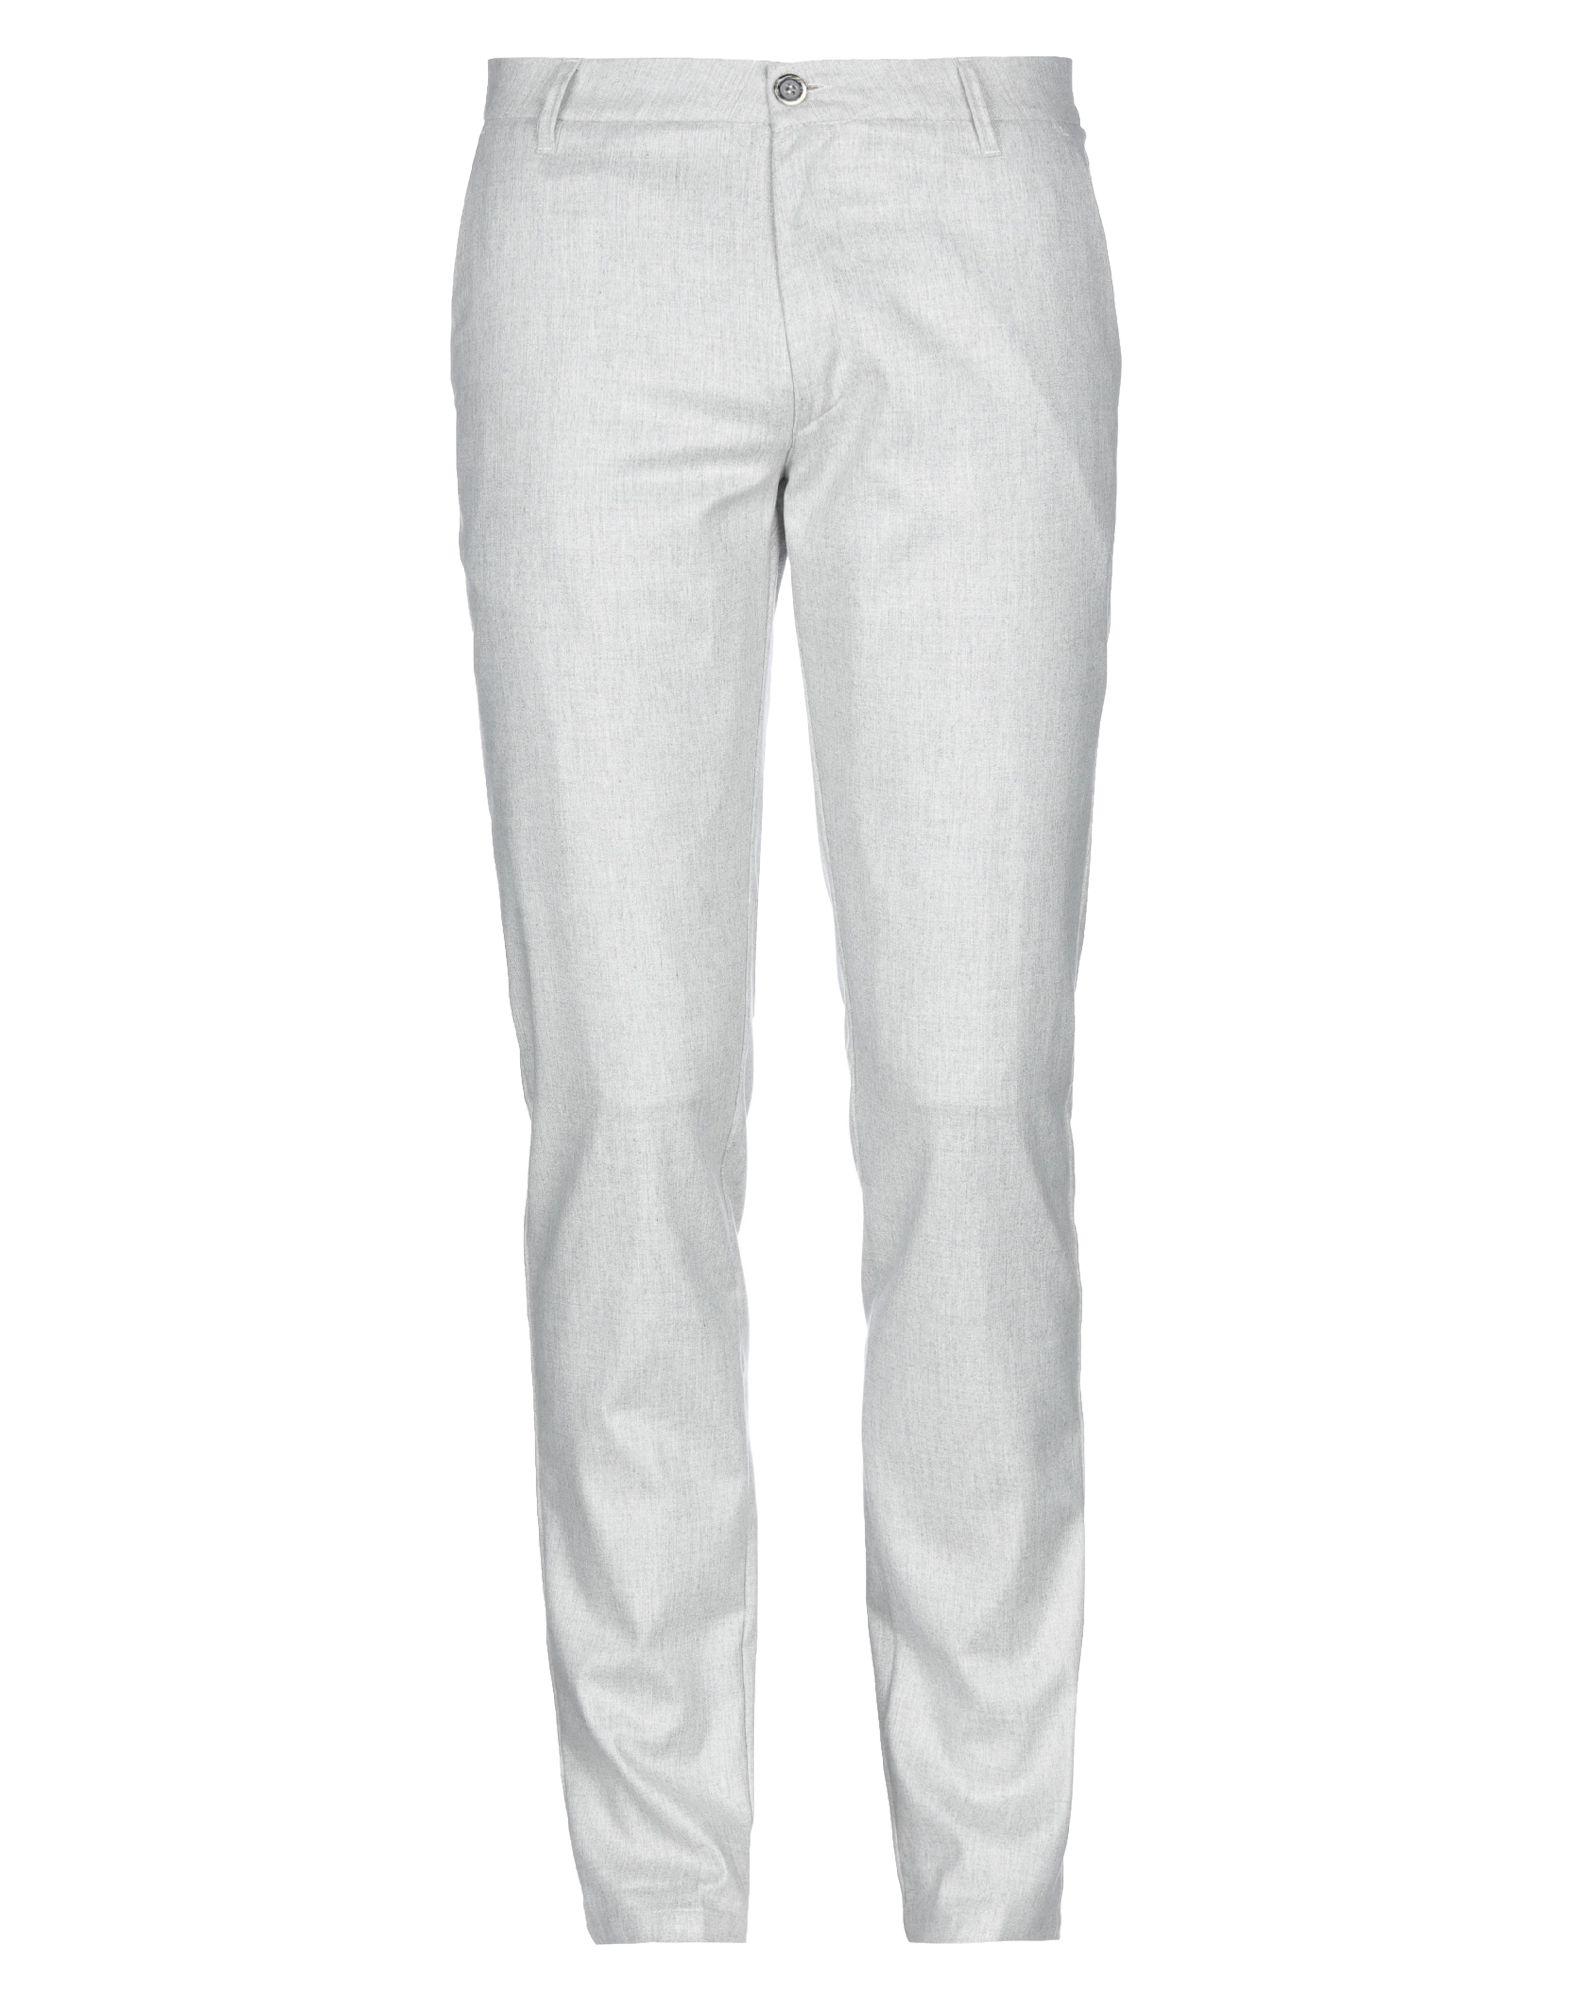 《セール開催中》S.B. CONCEPT メンズ パンツ ライトグレー 29 レーヨン 54% / ポリエステル 27% / バージンウール 17% / ポリウレタン 2%